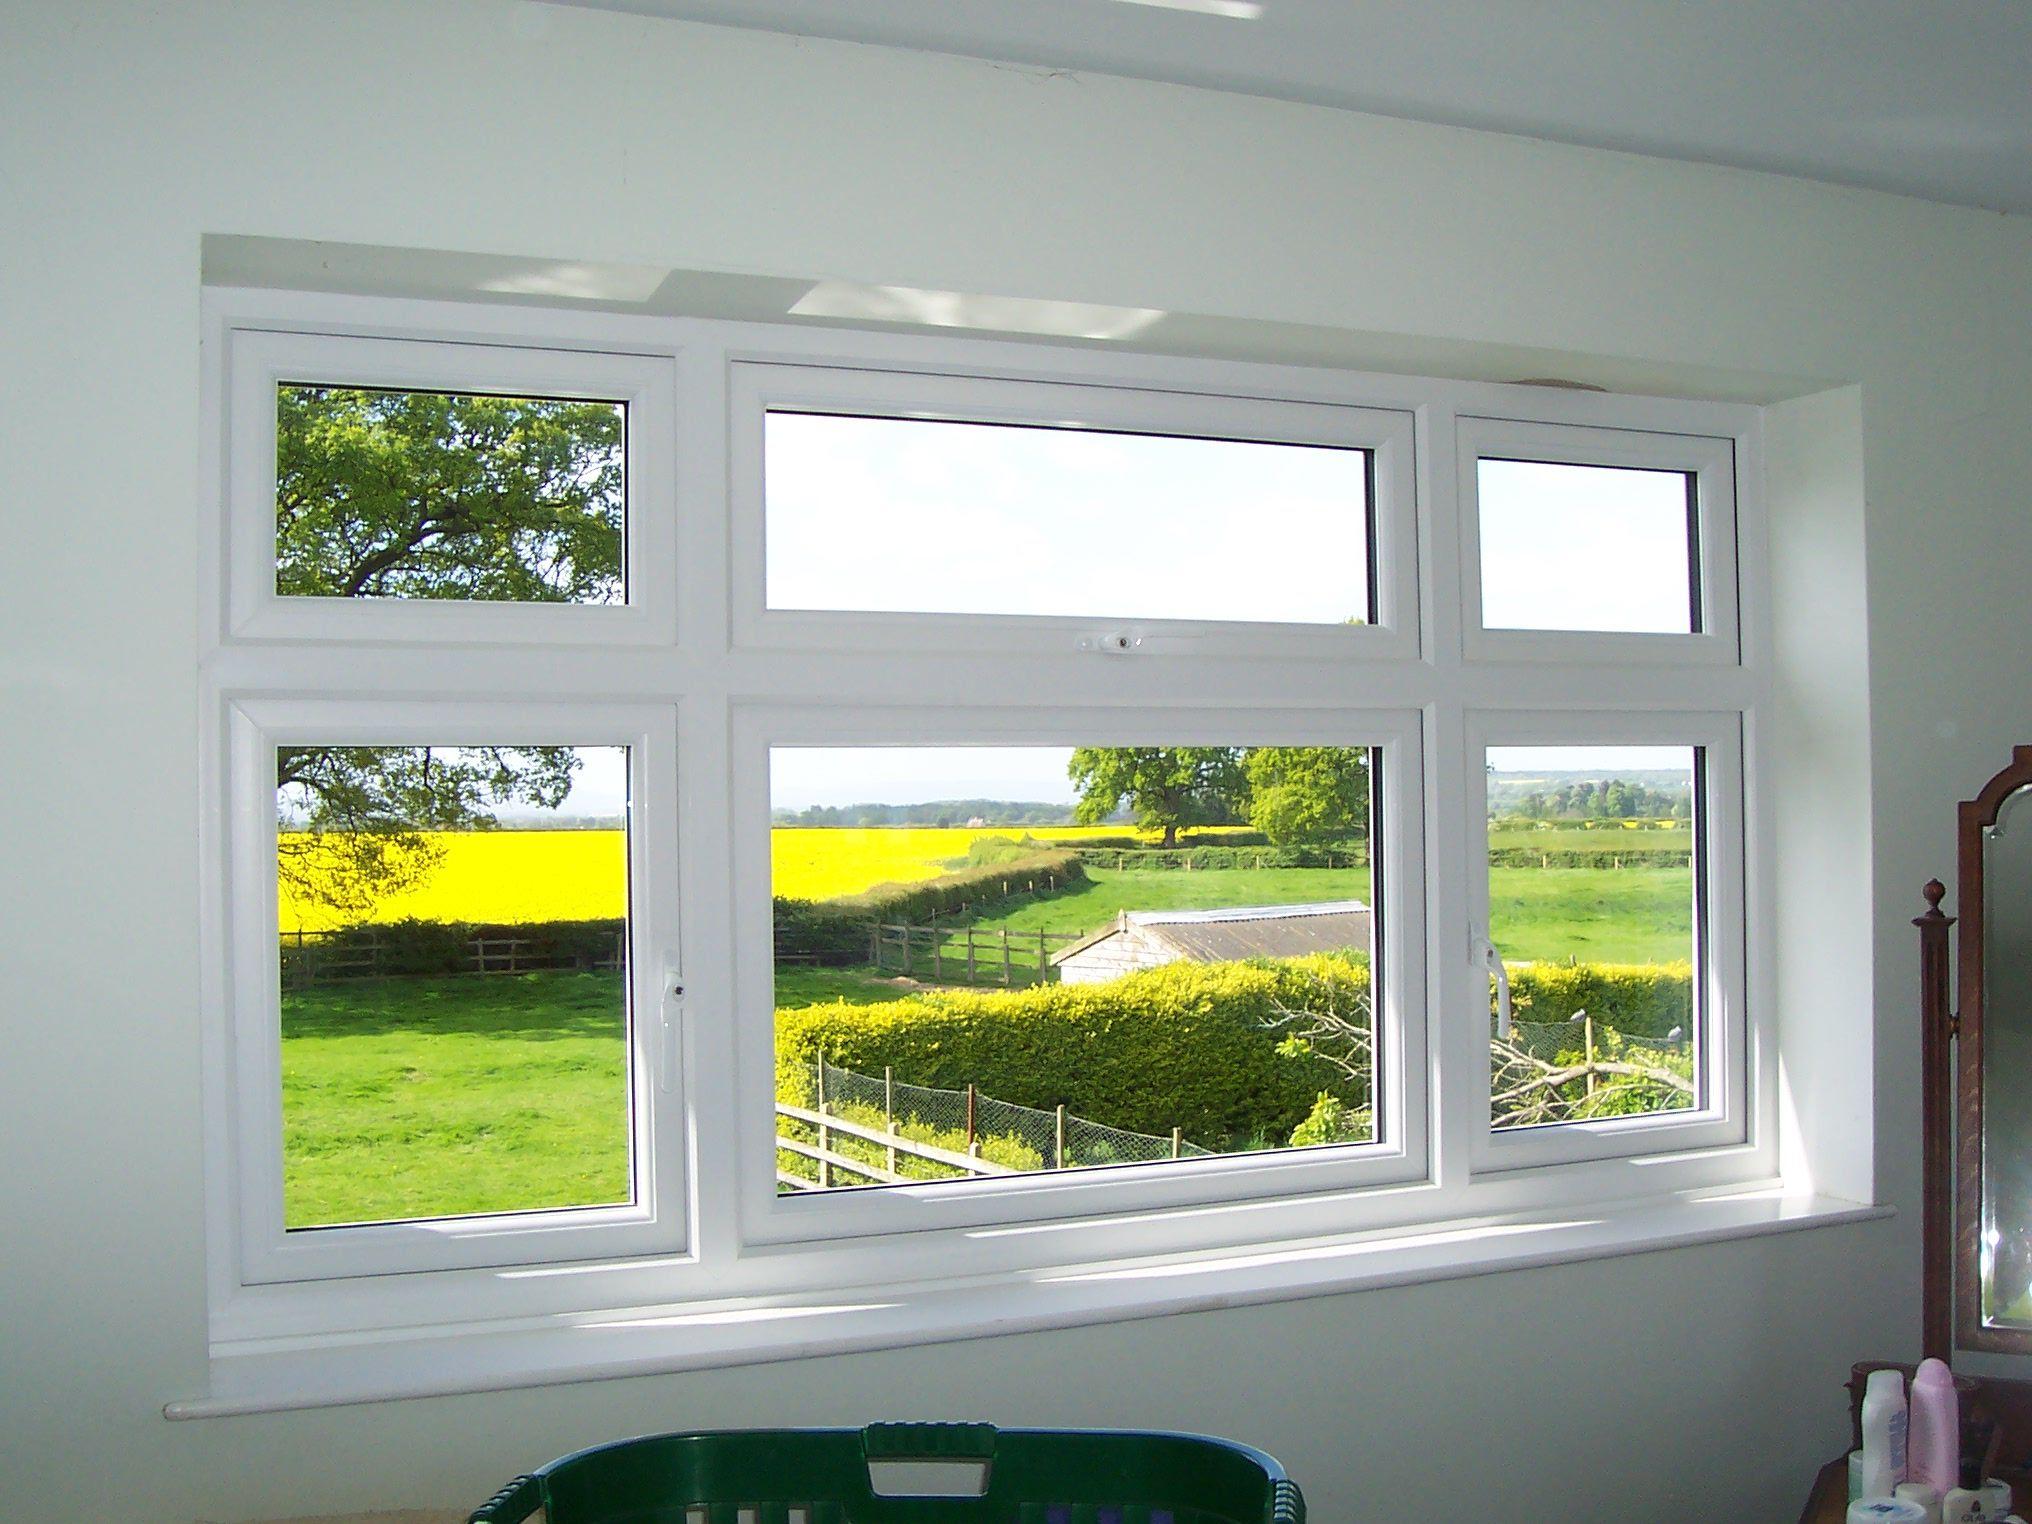 Casement windows from the inside. http://www.finesse-windows.co.uk/casement_windows.php